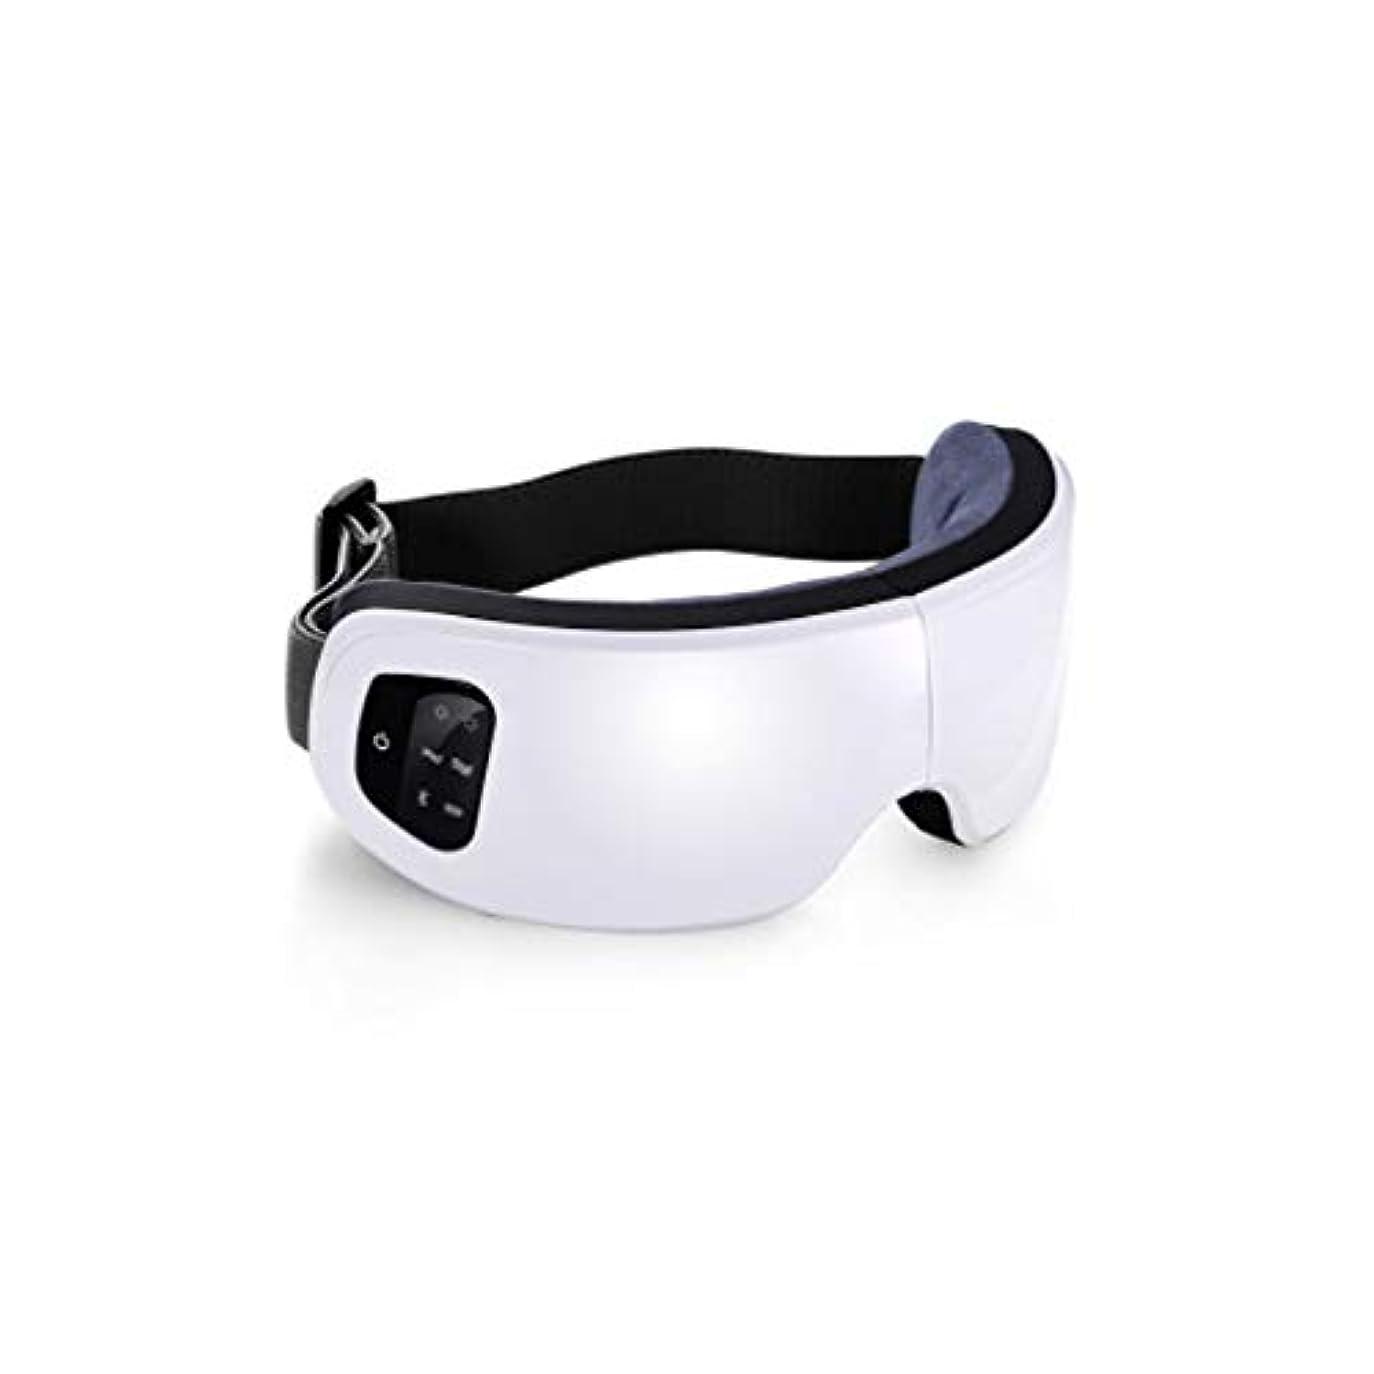 封建言い聞かせる続編マッサージャー - 圧力温度インテリジェントアイマスクアイマッサージャー (Color : White, Size : 20.5*8*2cm)